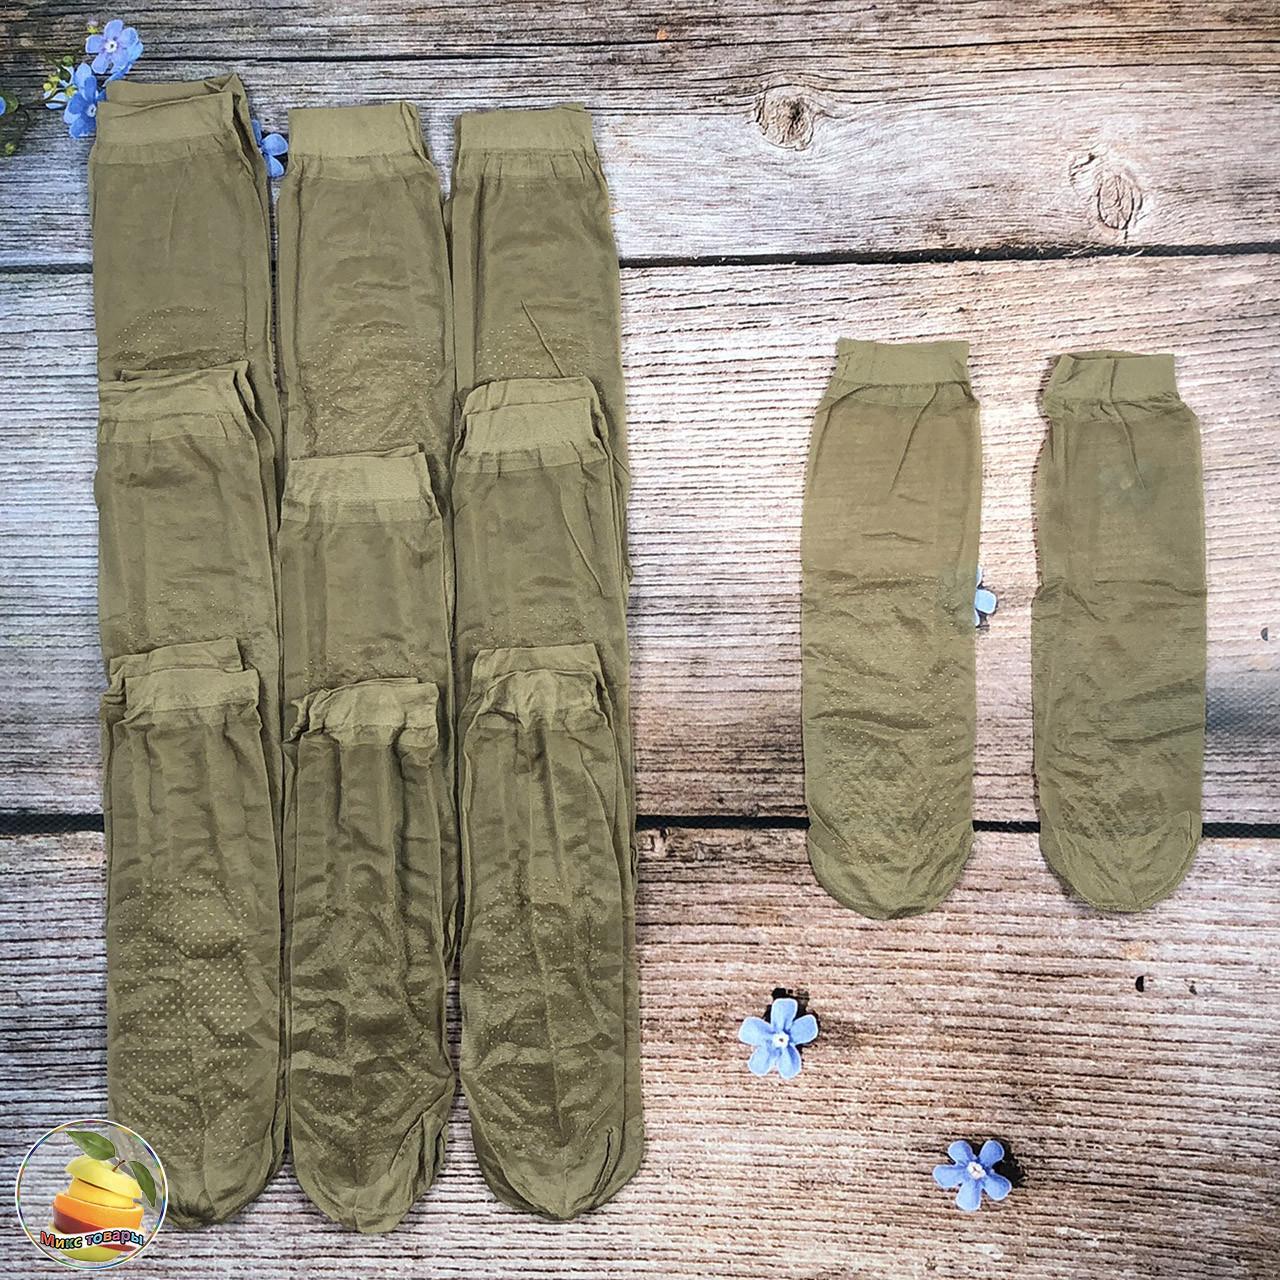 Следка з гальмами, капронові носочки (упаковка 10 шт) Розмір: 35 - 41 см (20130)